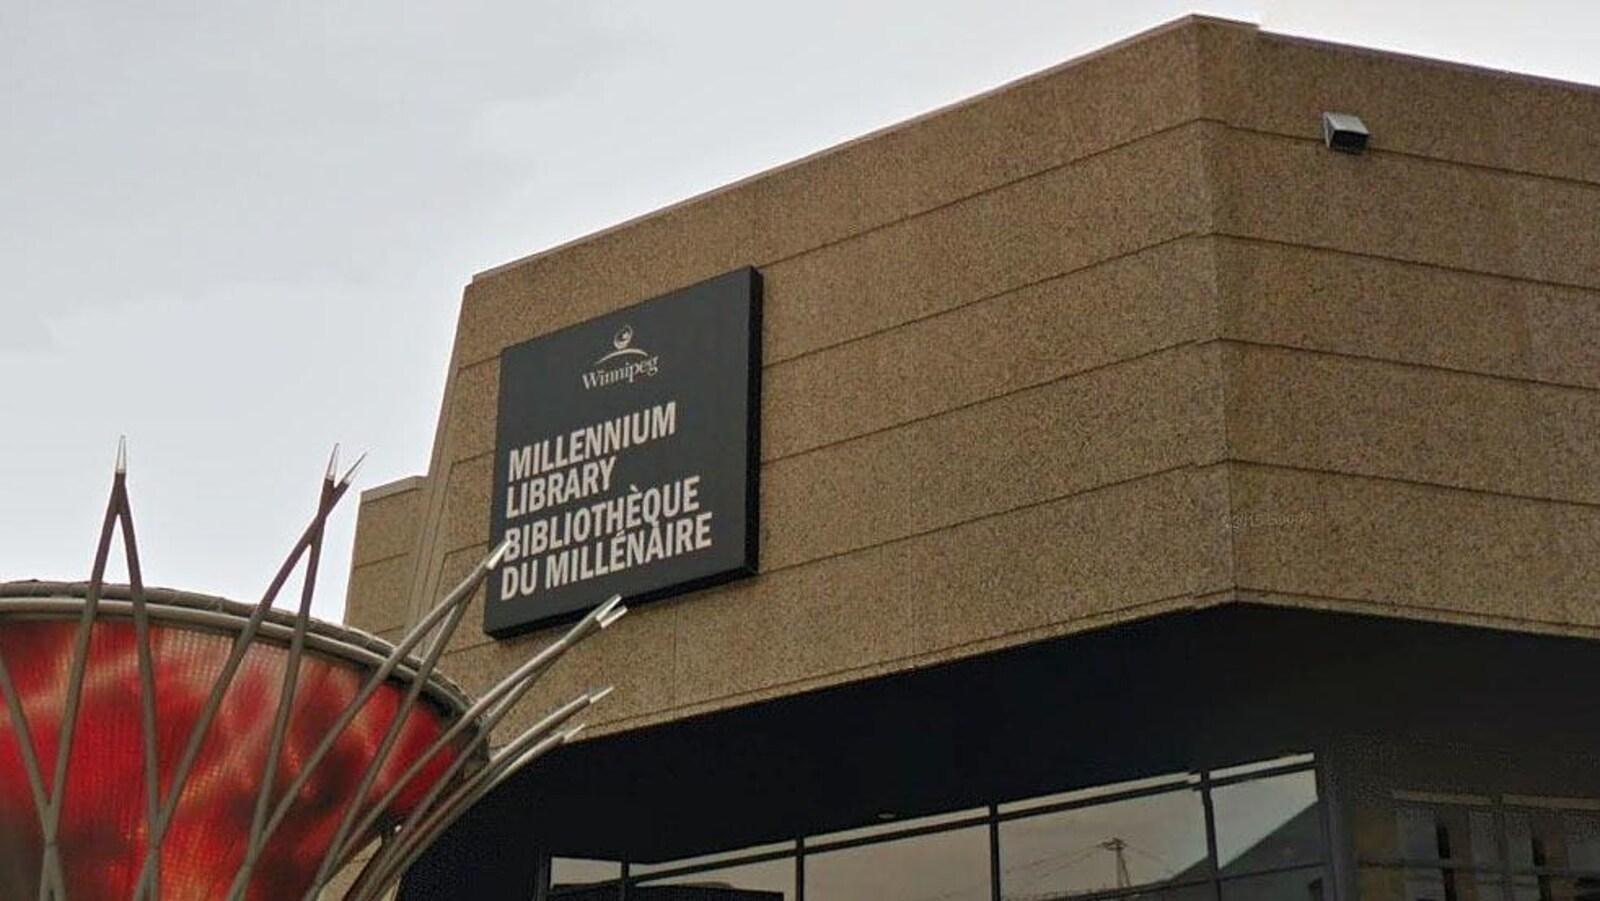 La bibliothèque du Millénaire à WInnipeg.